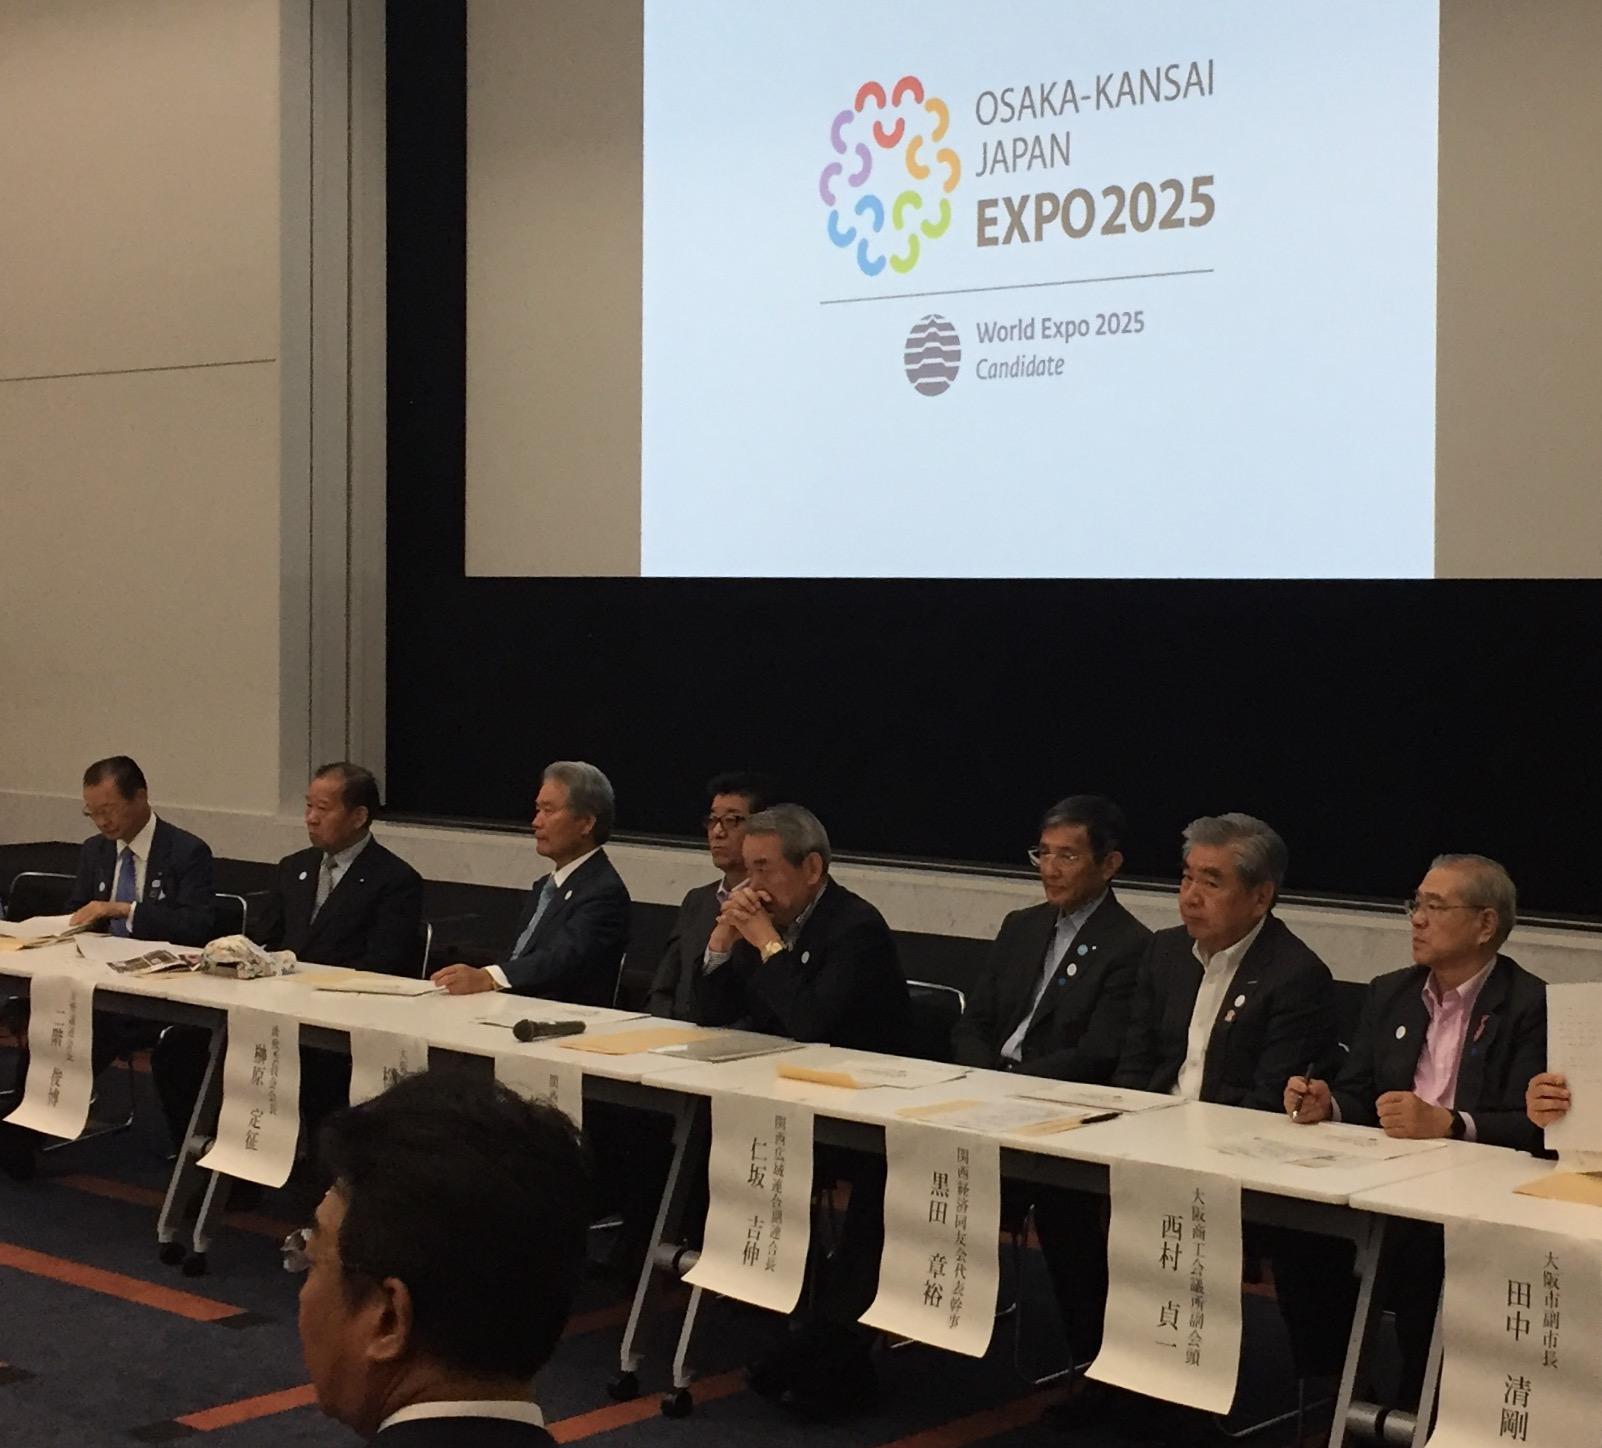 2025年大阪万国博覧会を実現する国会議員連盟総会  万博候補地・大阪で初開催